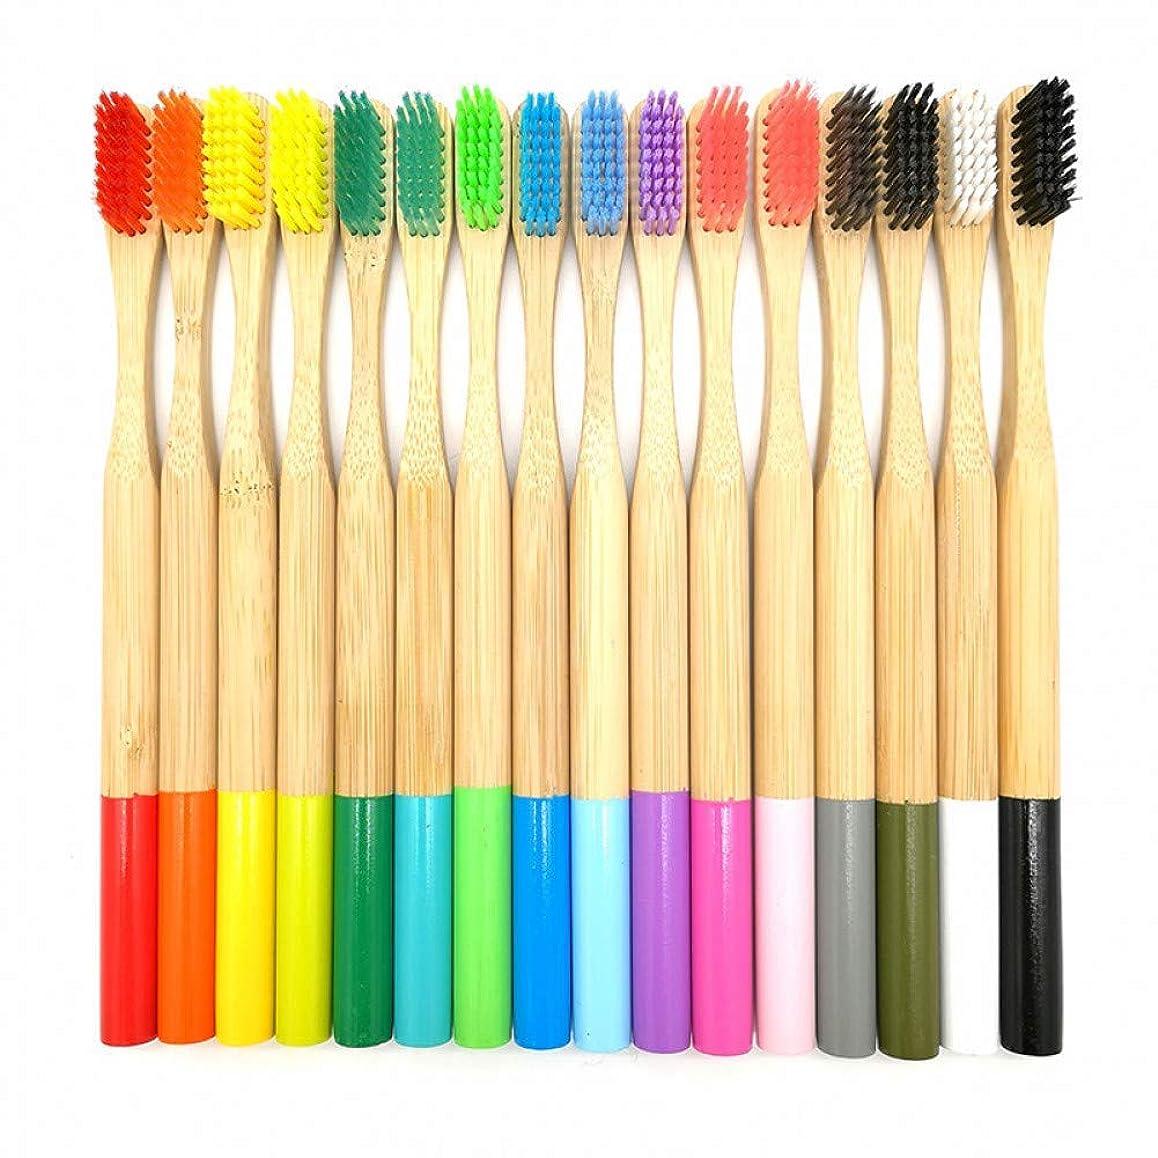 用心する打ち負かす集まる10Rainbow歯ブラシマルチカラー天然竹歯ブラシ丸竹ハンドル付き柔らかい毛環境に優しい大人、